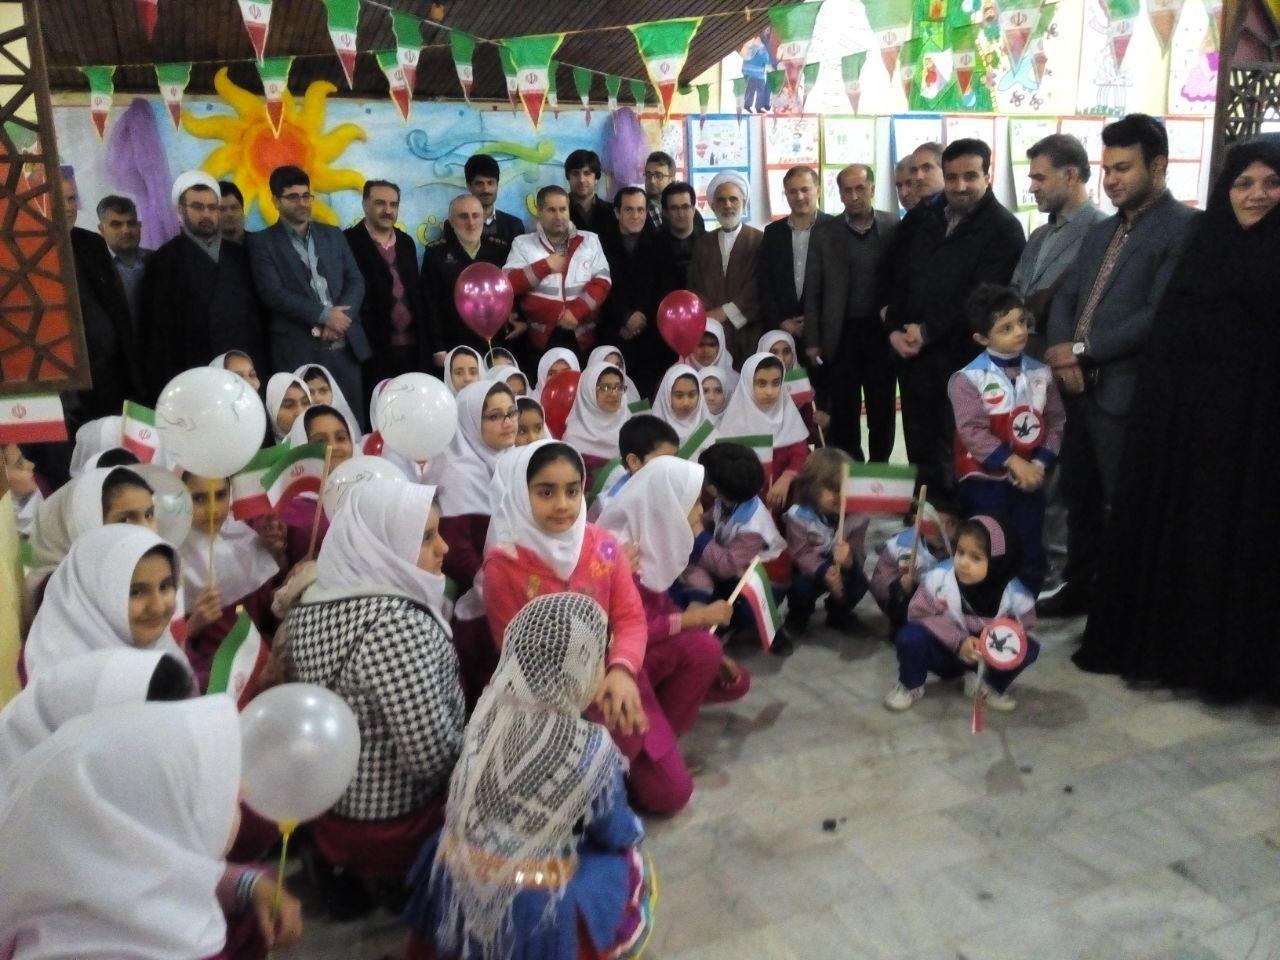 جشن انقلاب کودکان یاد اور روزهای انقلاب برای مسئولان